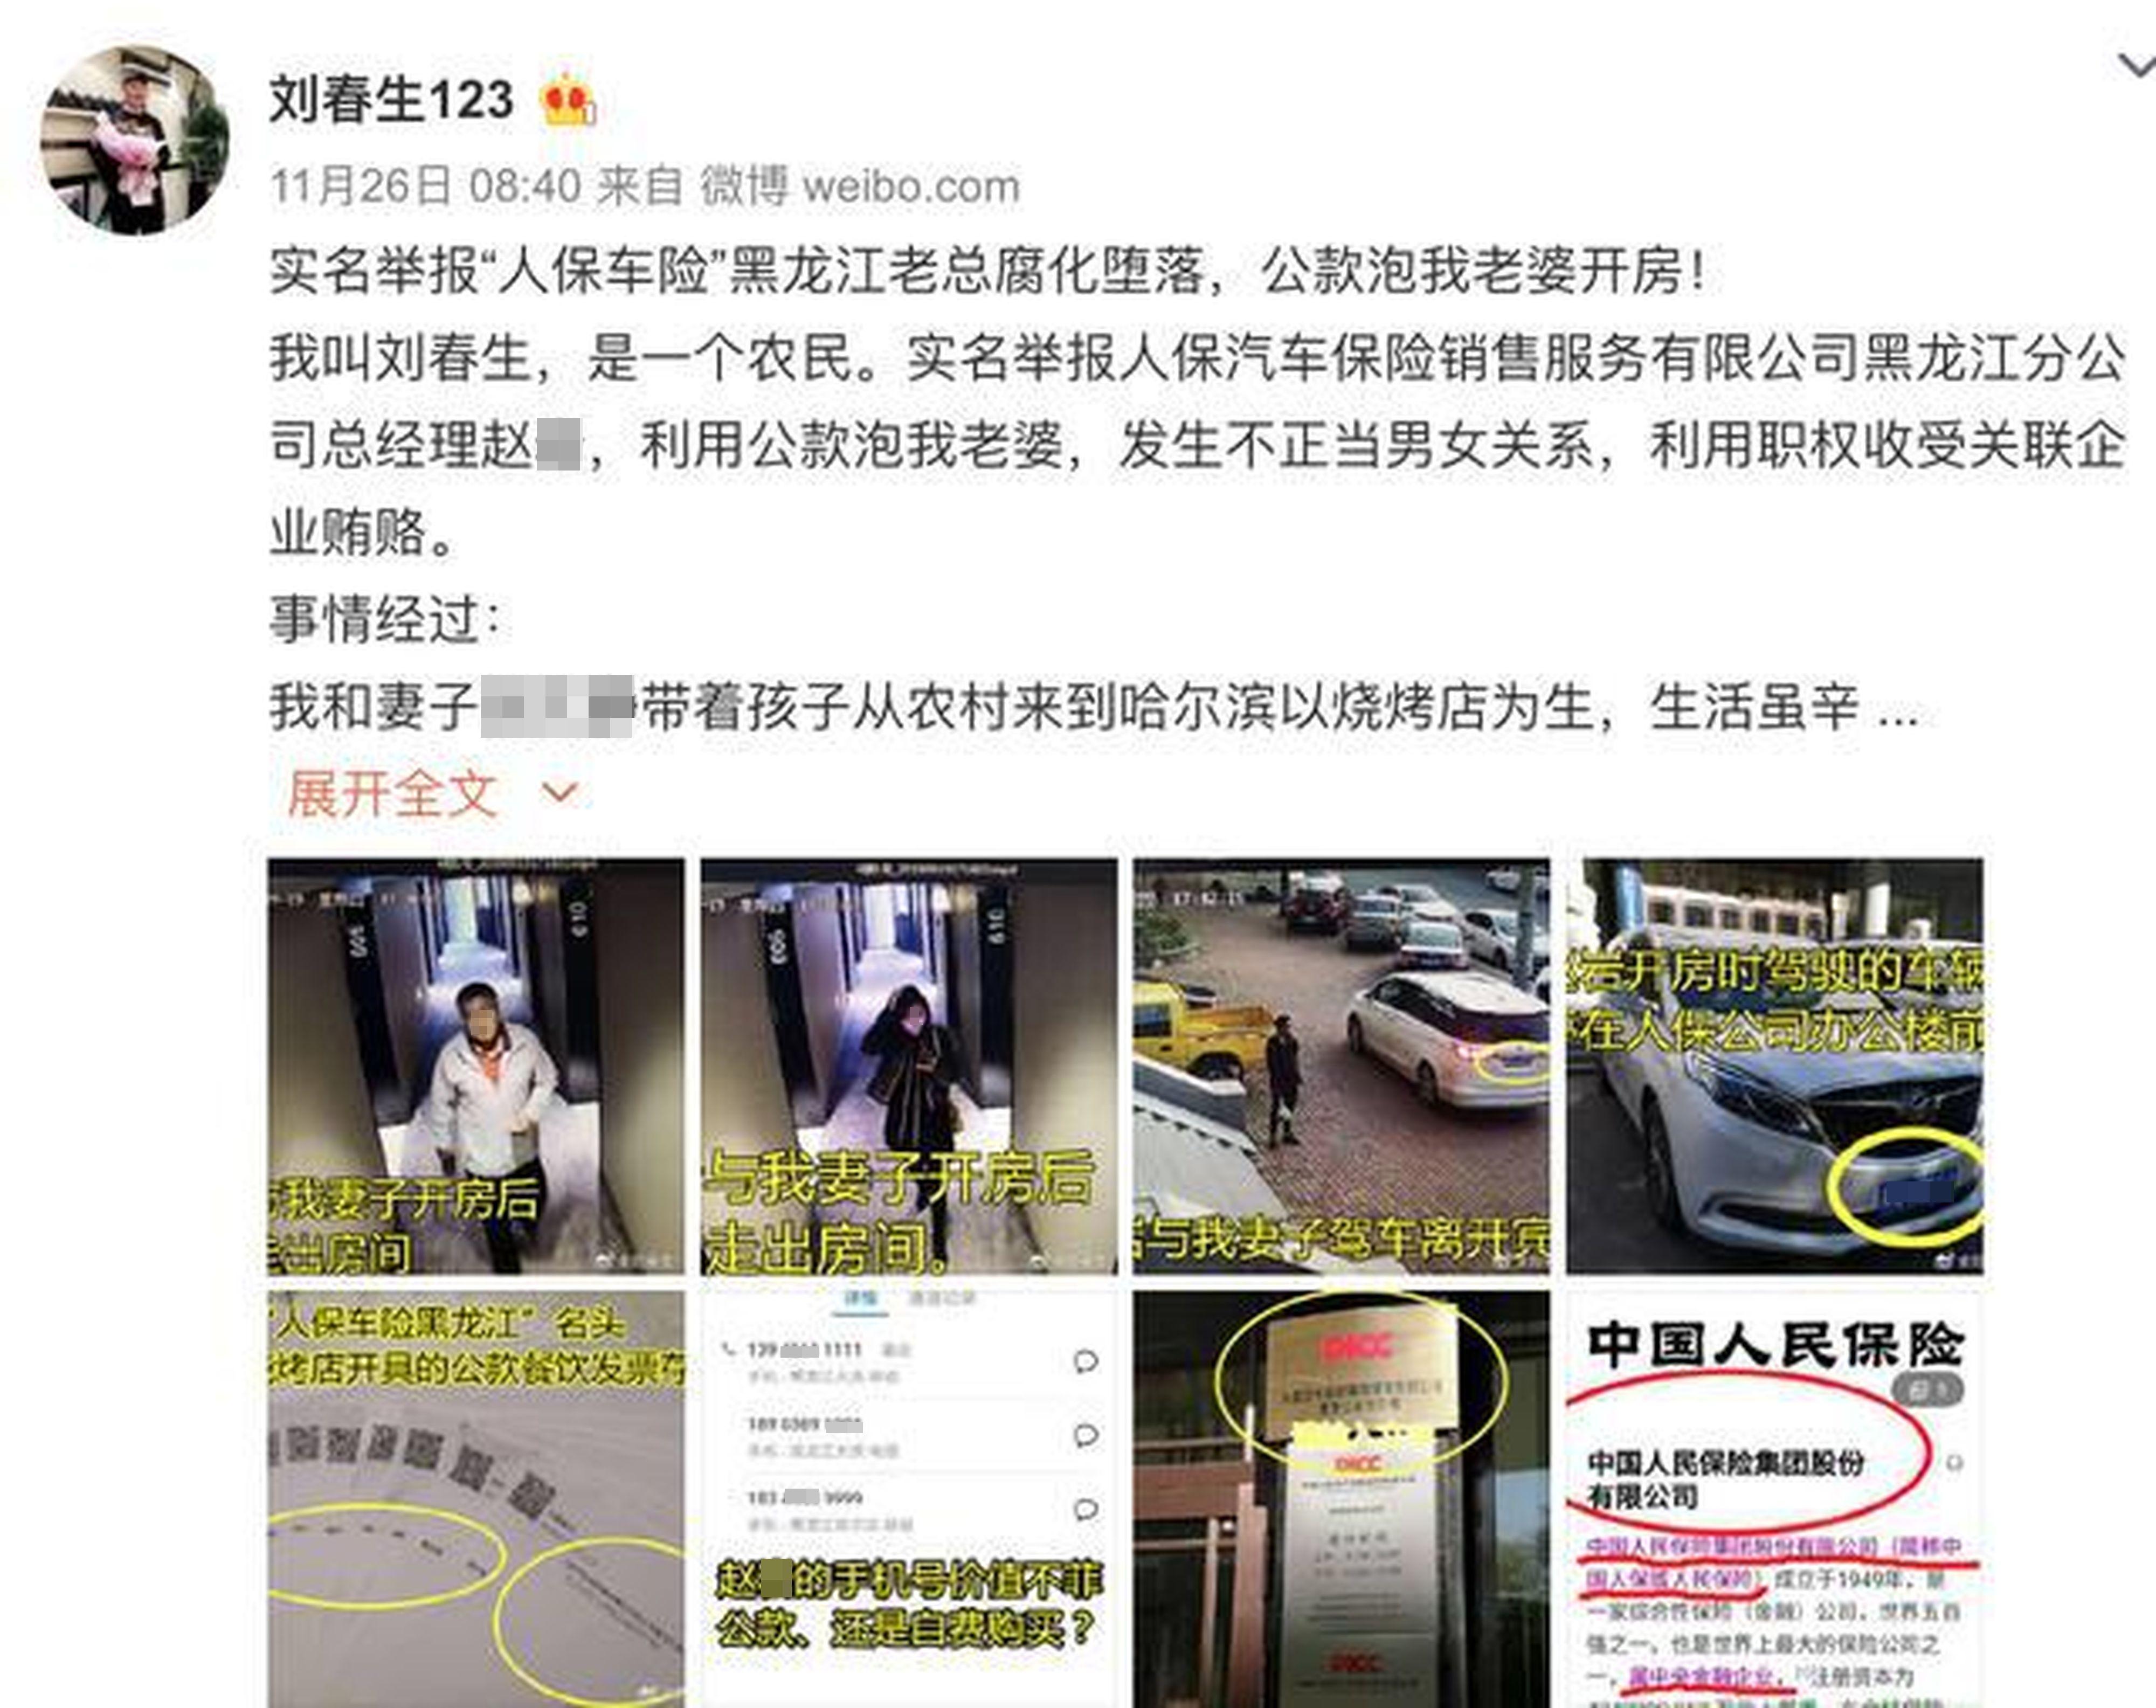 @劉春生123在個人微博舉報,指控妻子與一名燒烤店顧客有染。(取材自微博)